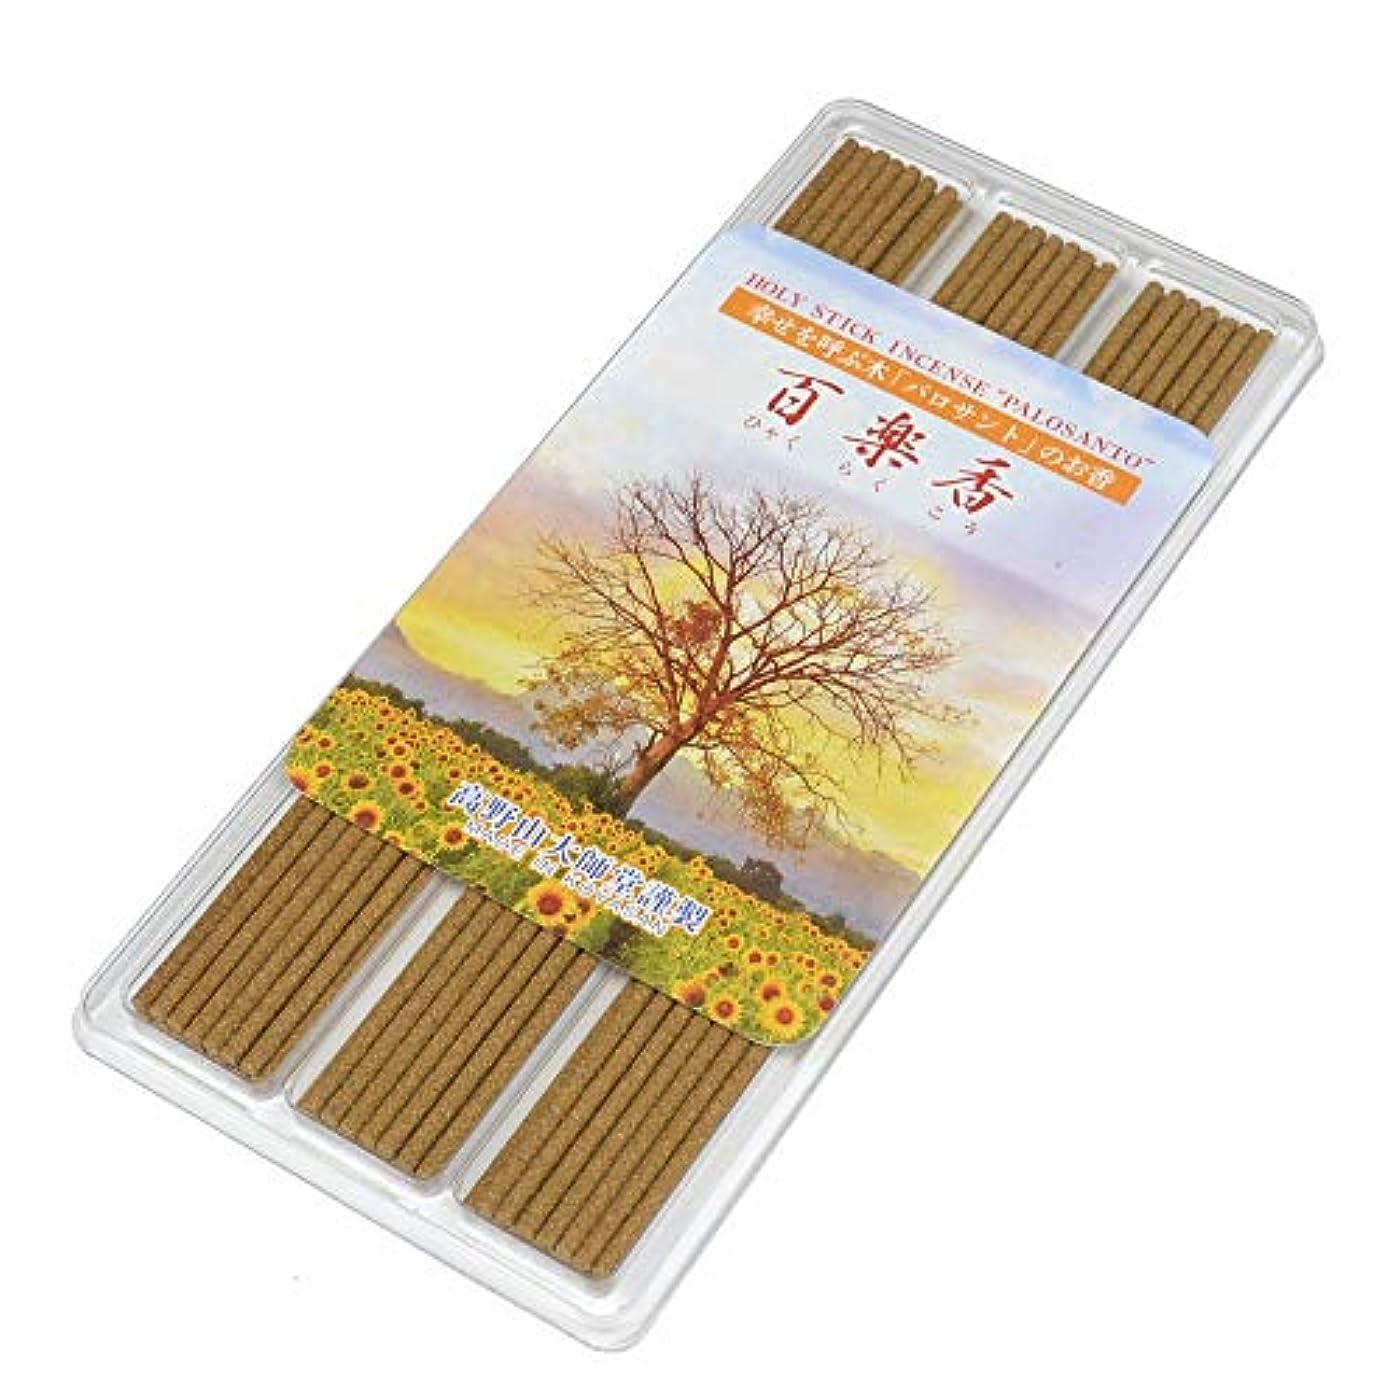 多年生量探す幸運の木「パロサント」のお香【徳用】Palo Santo Incense